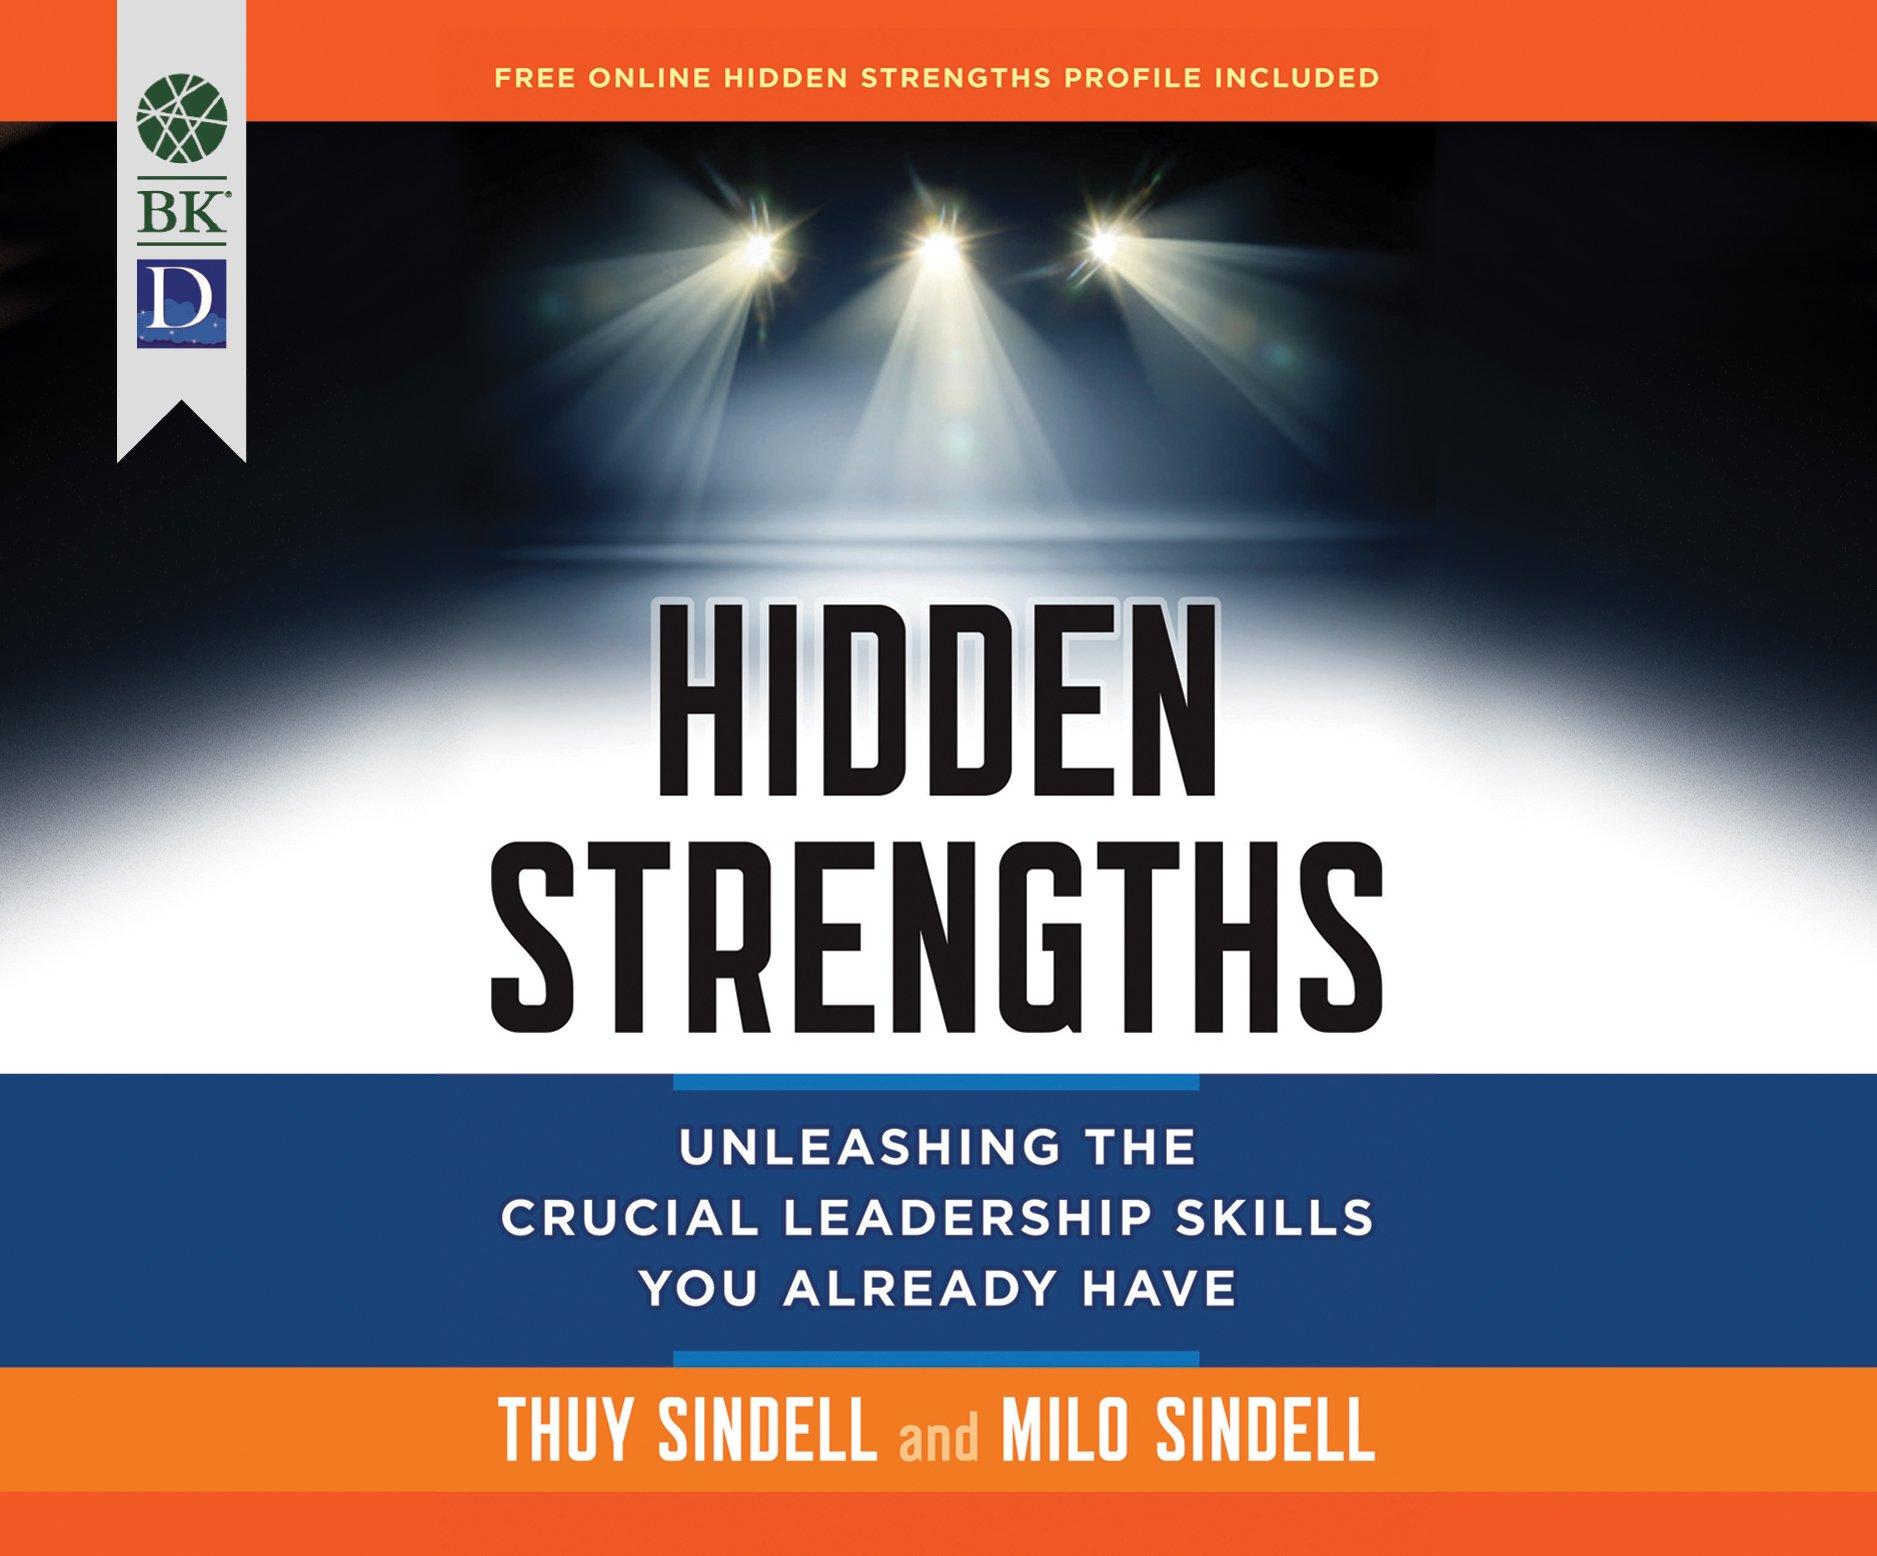 Hidden strengths milo sindell thuy sindell caroline miller hidden strengths milo sindell thuy sindell caroline miller 9781682620137 amazon books fandeluxe Choice Image